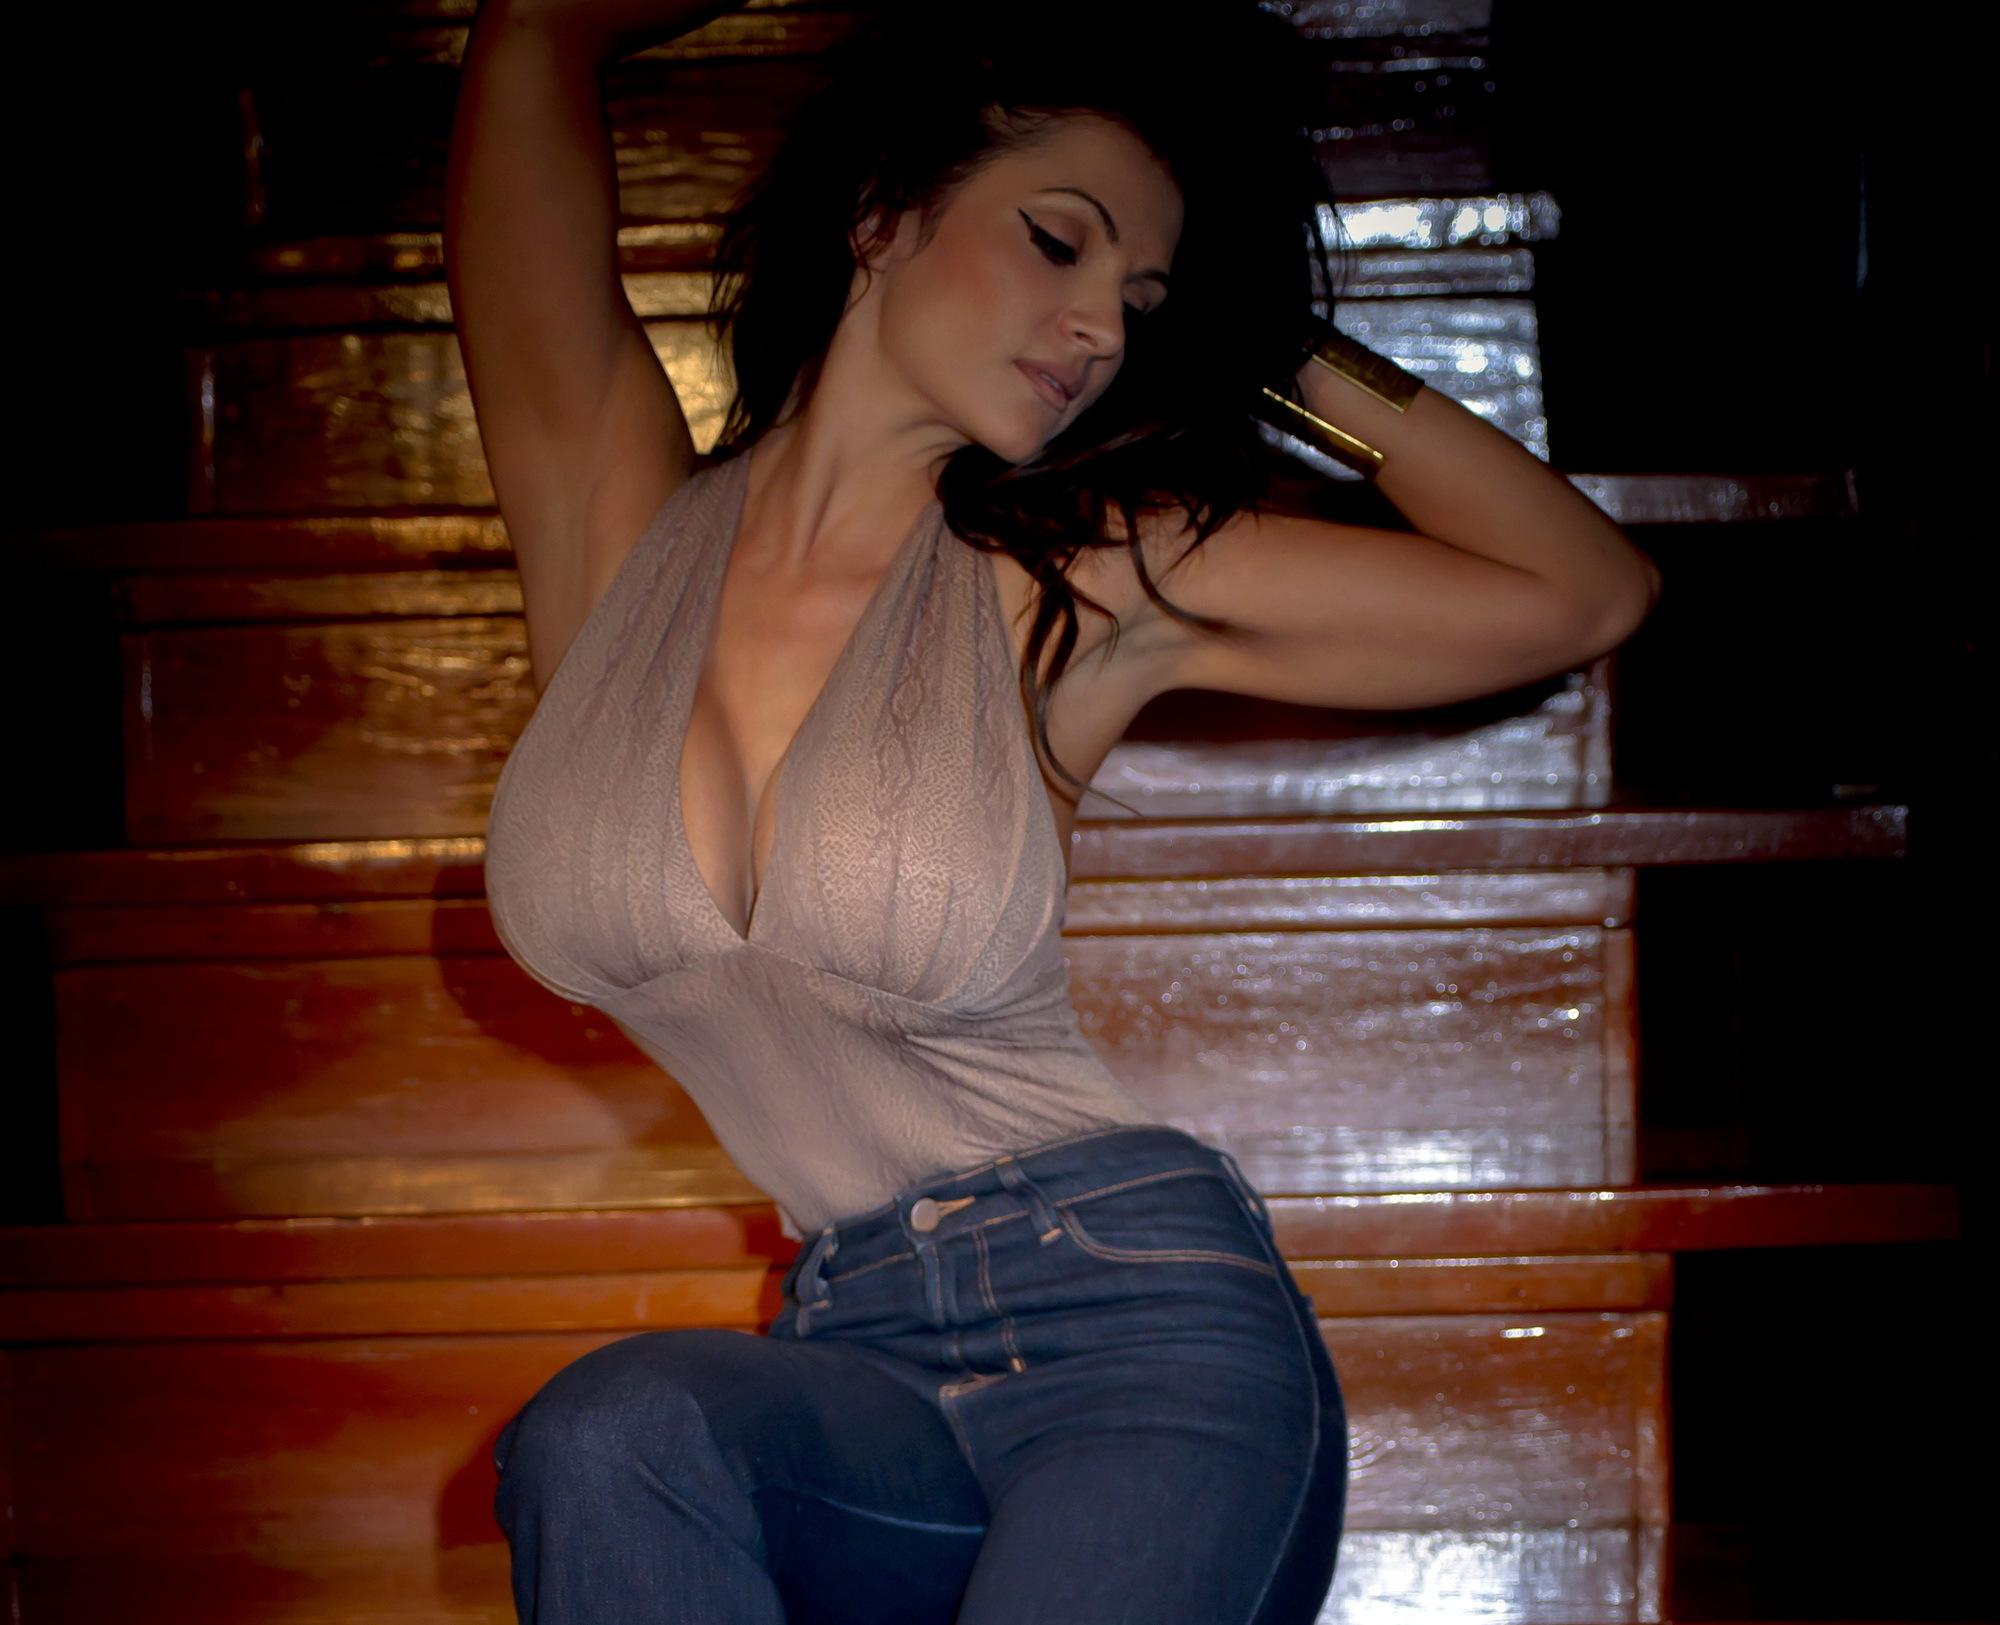 Сиск болшой член болшой, Большие члены порно - Смотреть порно онлайн 25 фотография